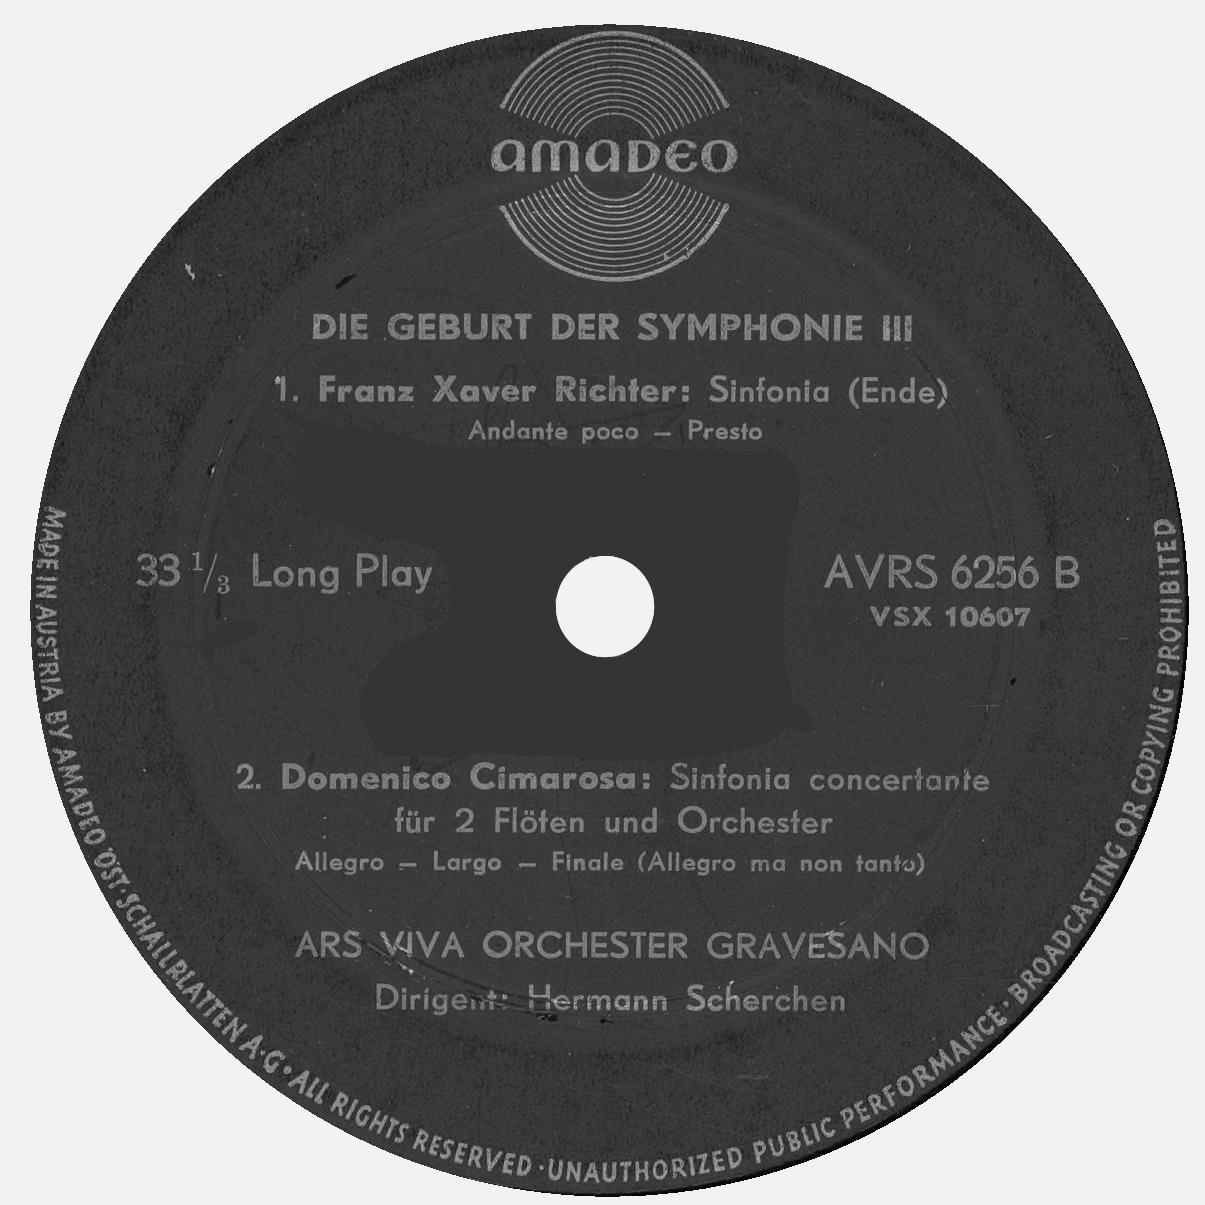 Étiquette verso du disque Amadeo AVRS 6256, 3e volume de «Geburt der Symphonie»